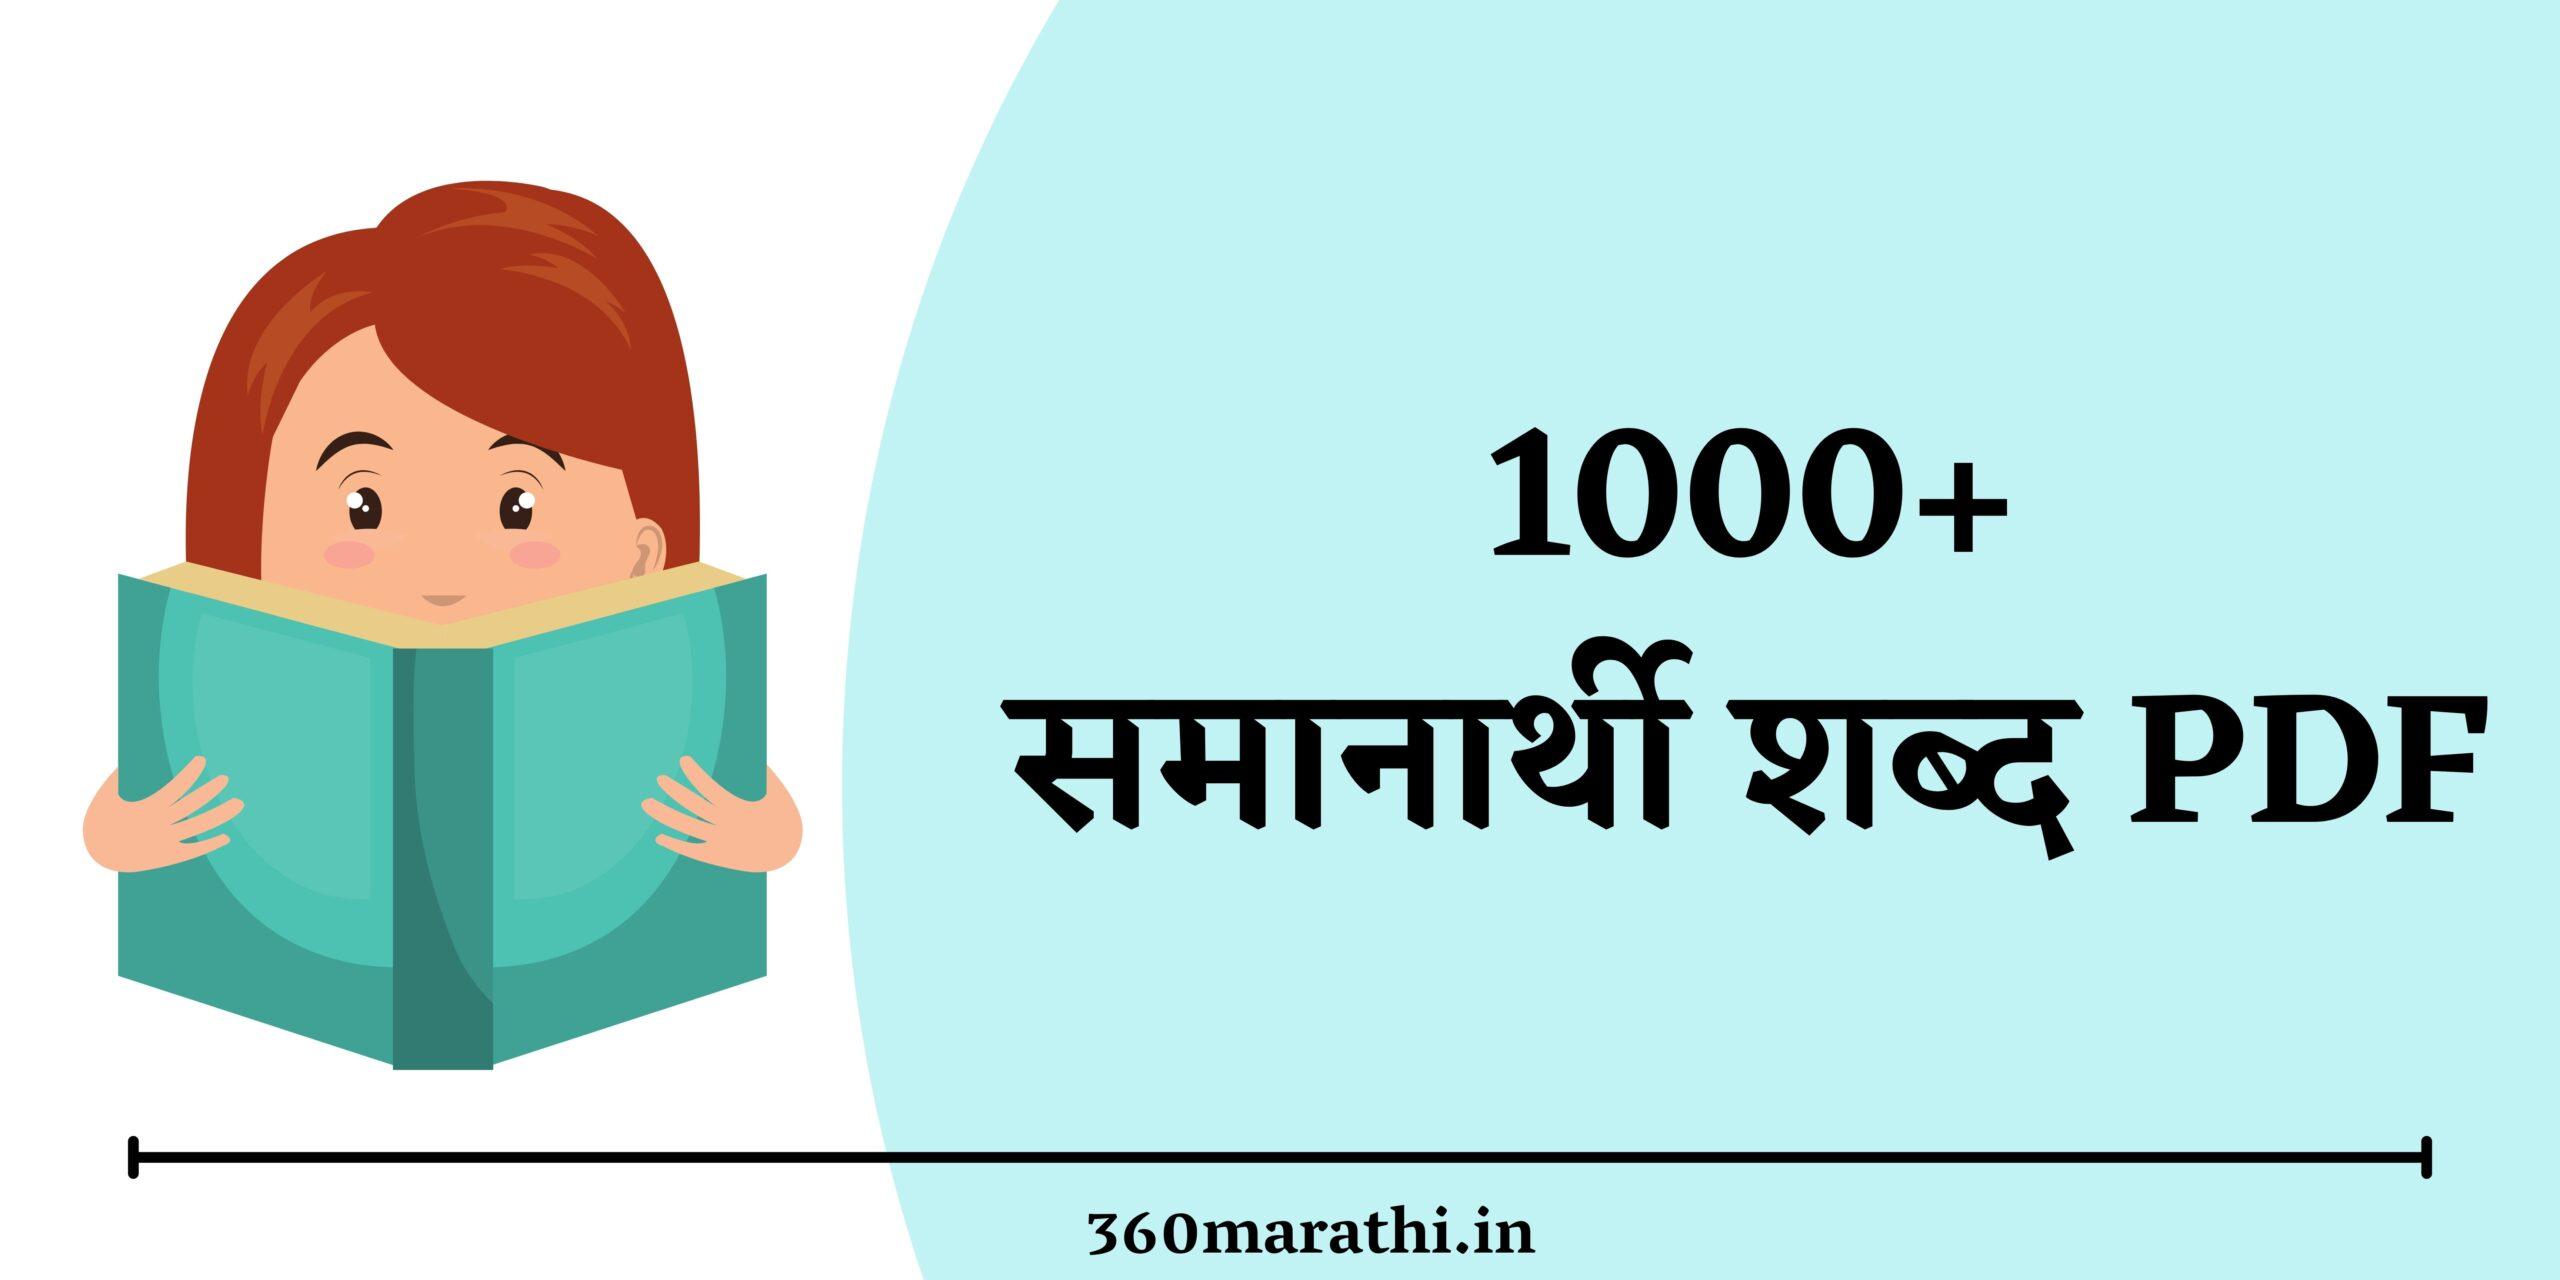 【1000】Samanarthi Shabd in Marathi   समानार्थी शब्द